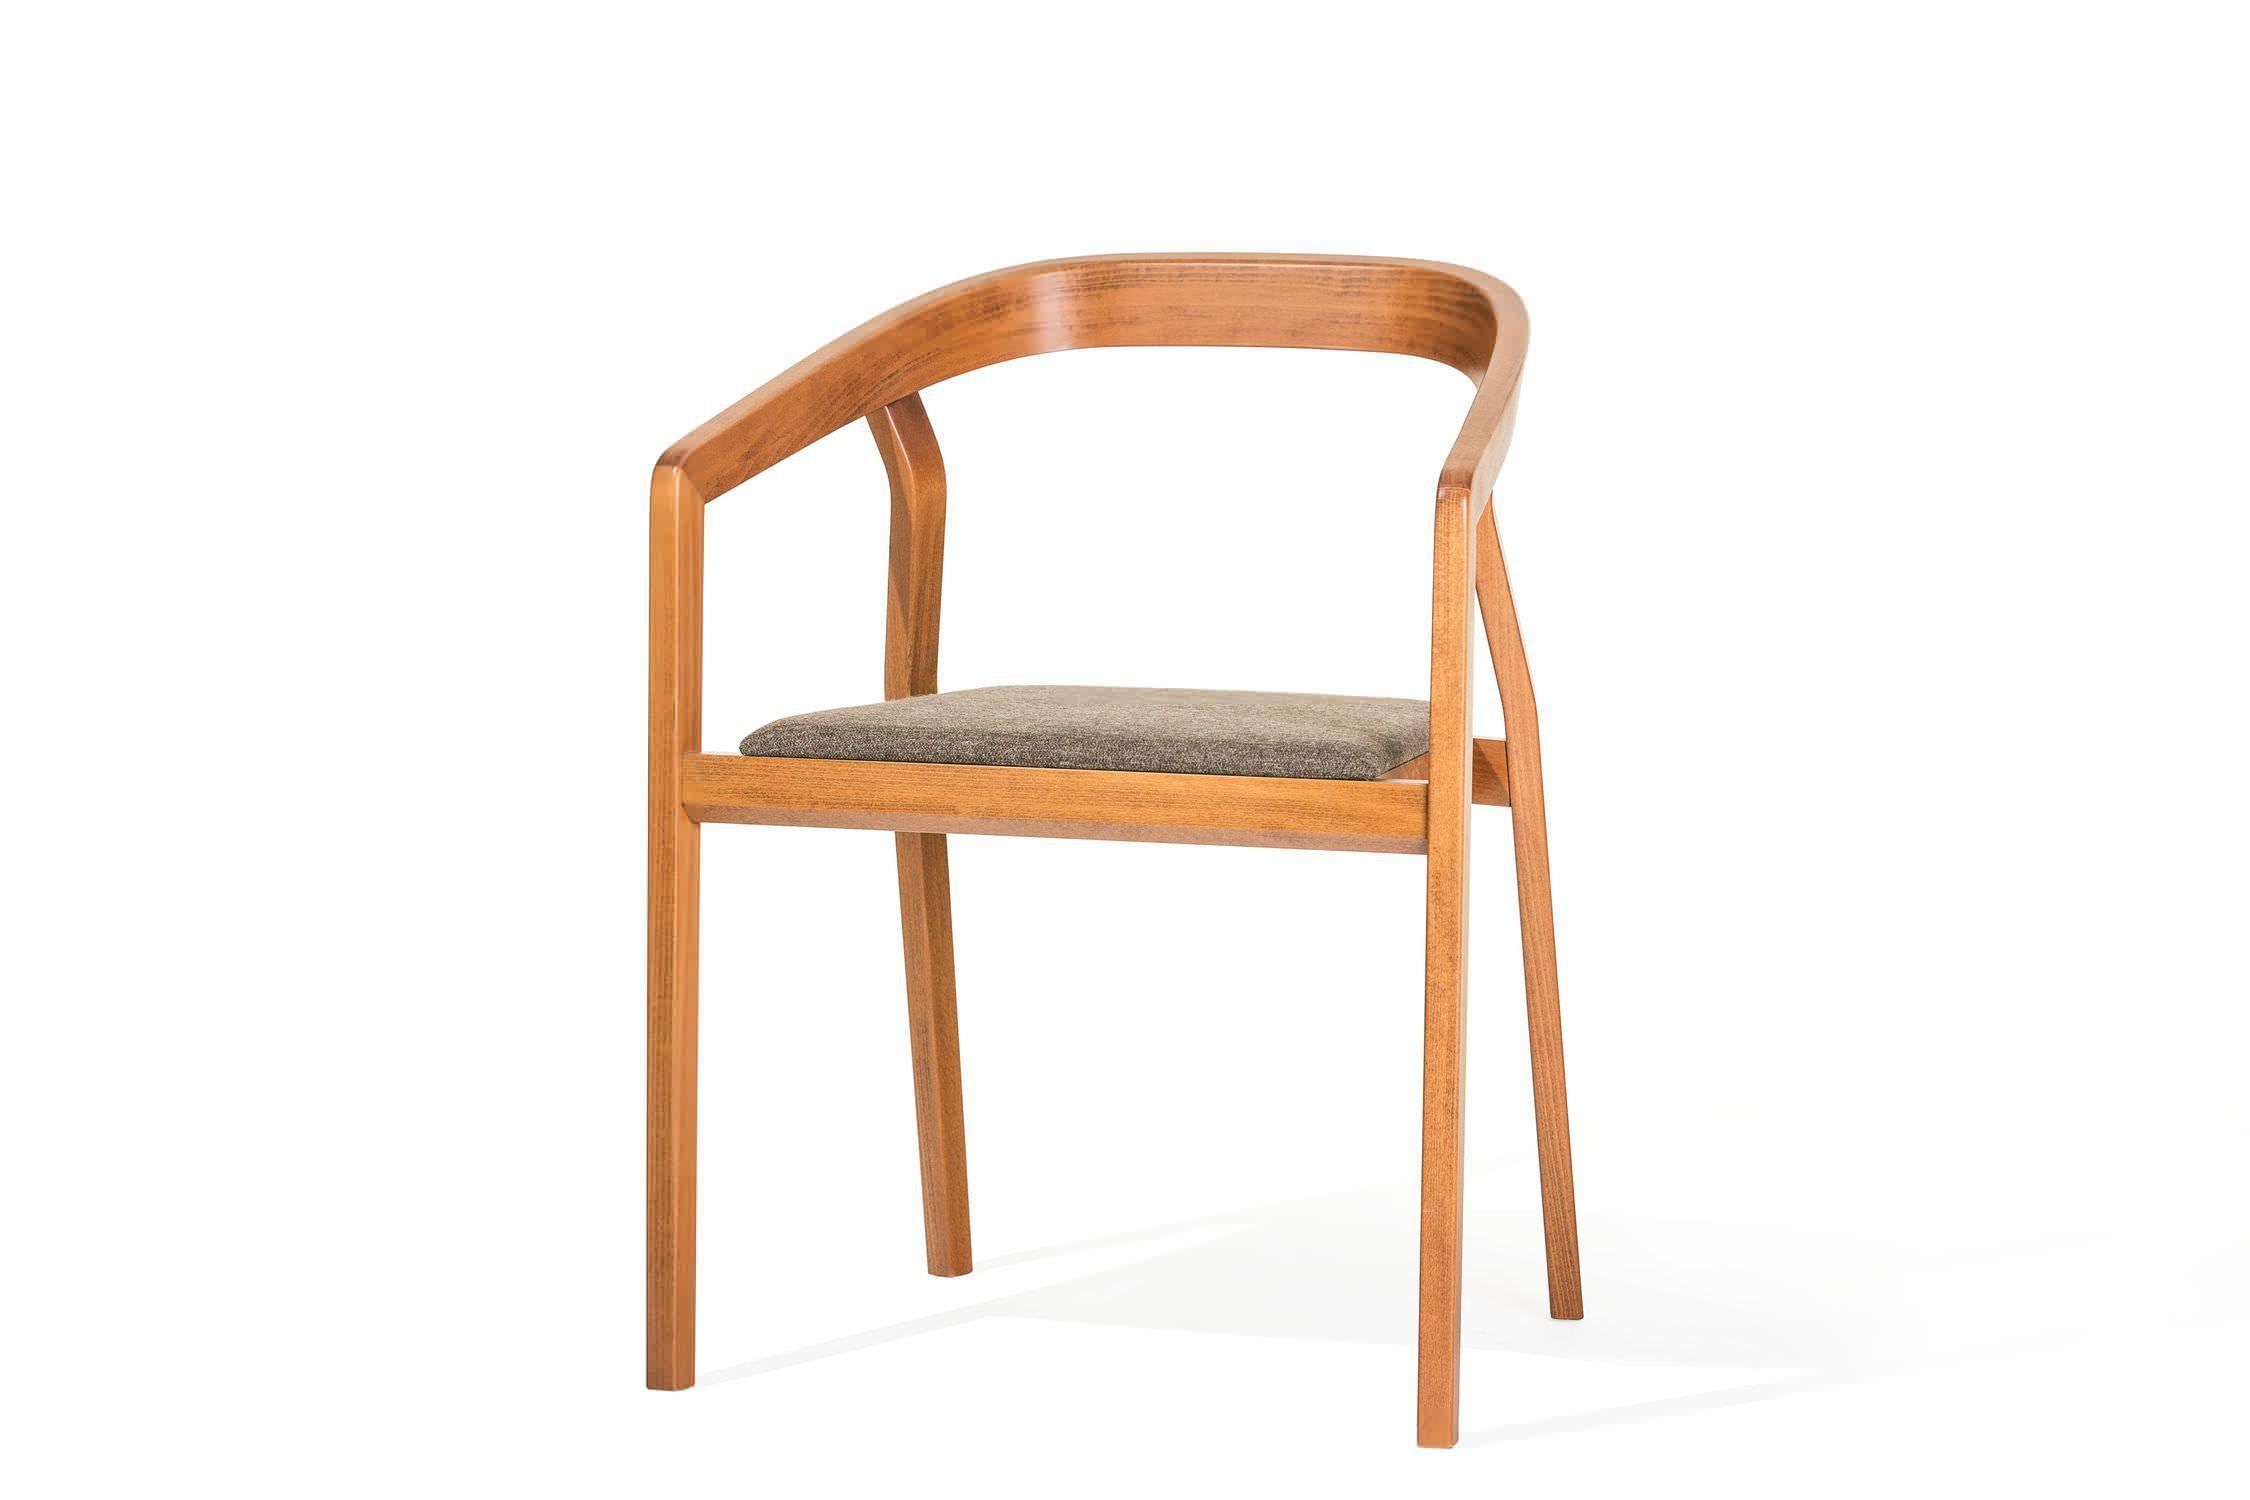 Billig Stuhl Mit Armlehne Holz